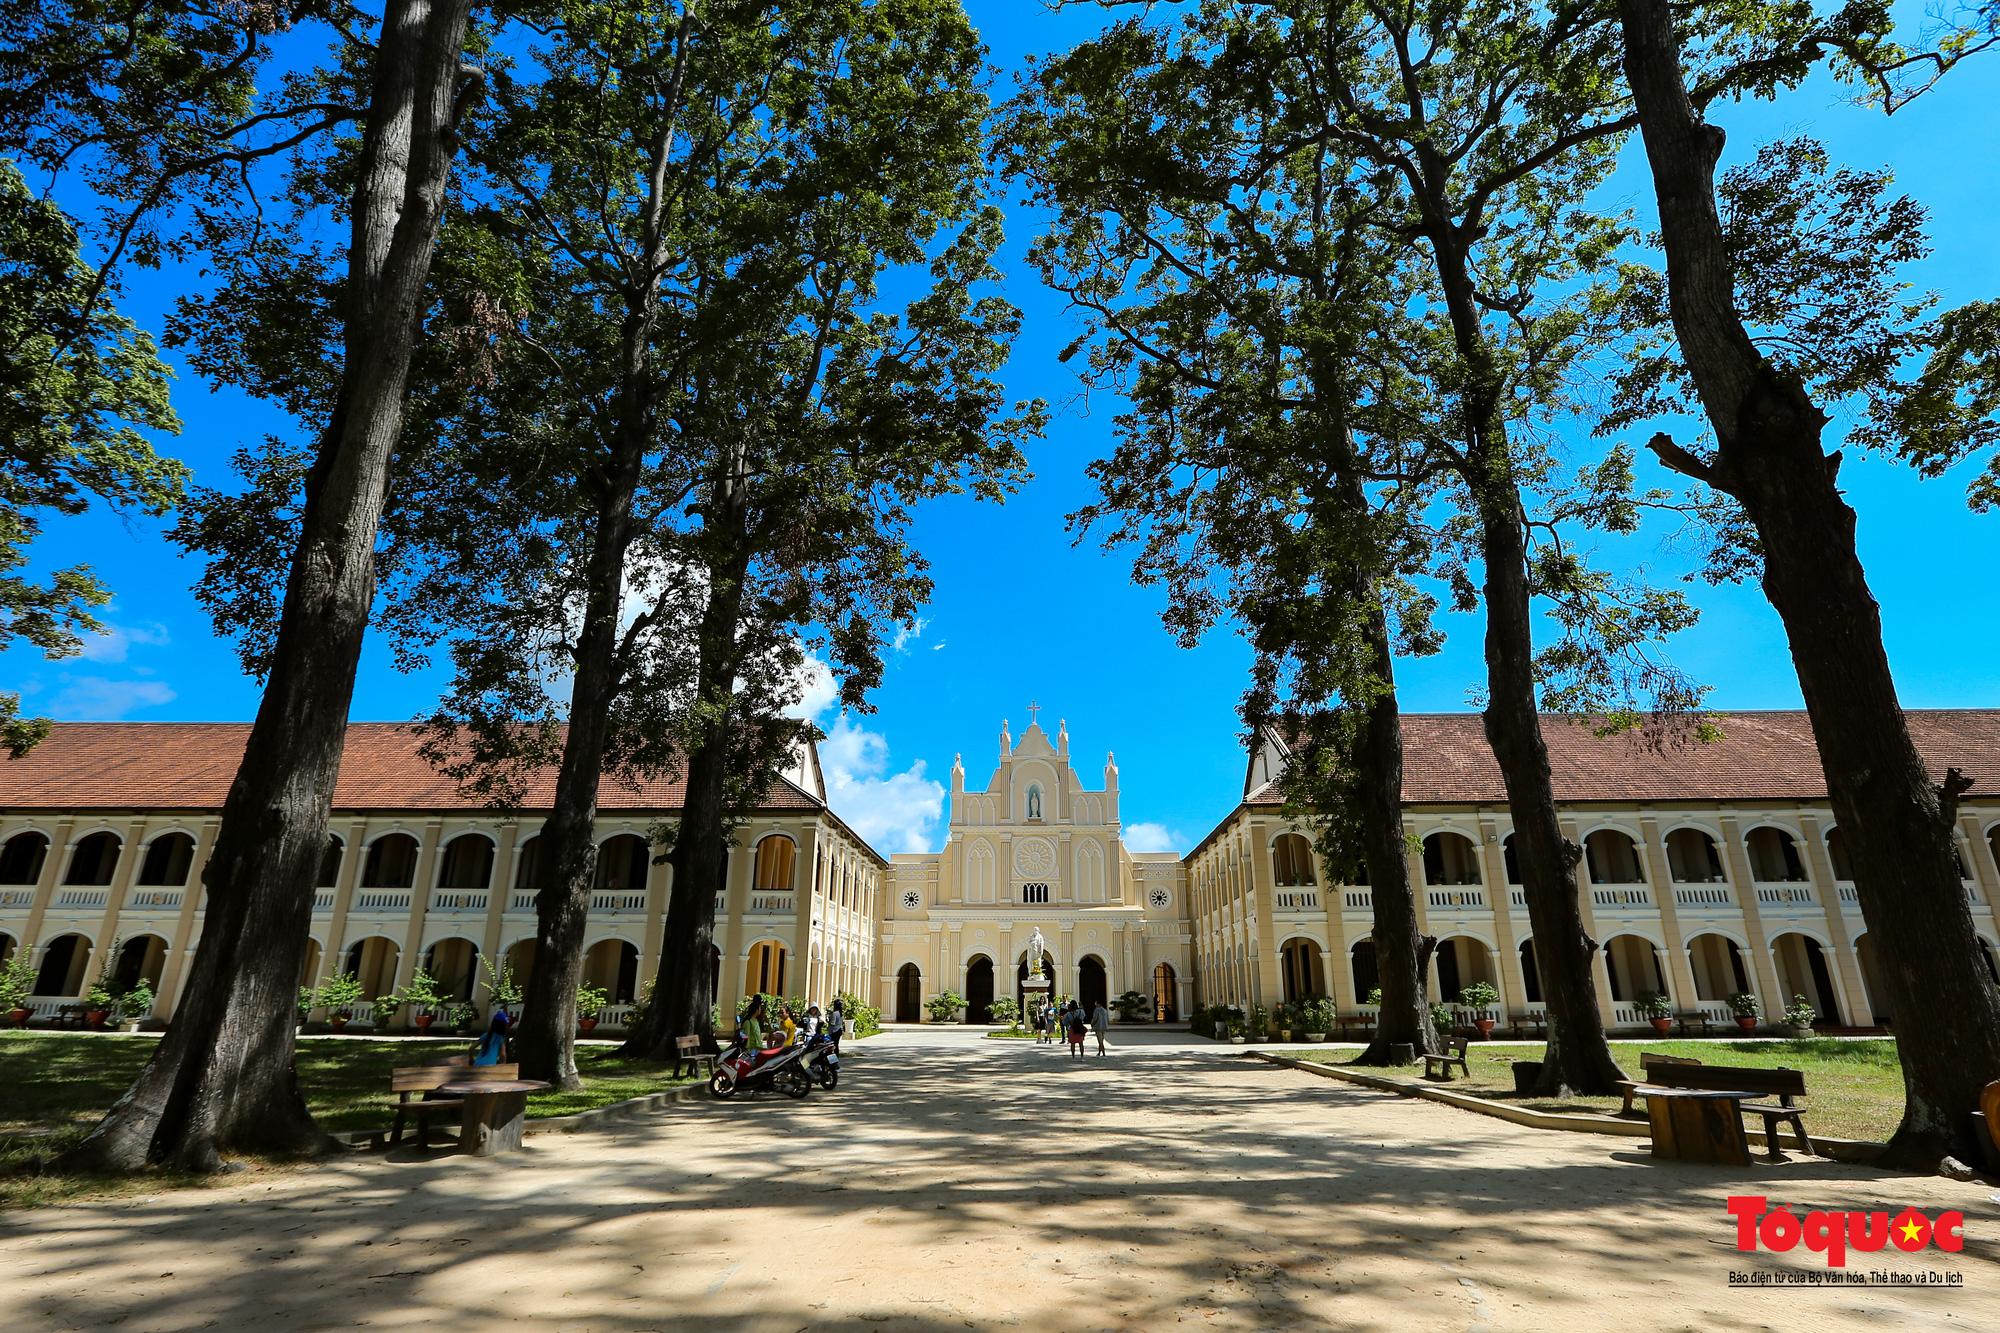 Tiểu Chủng Viện Làng Sông - kiến trúc Gothic tuyệt đẹp giữa đồng quê Việt Nam - Ảnh 4.